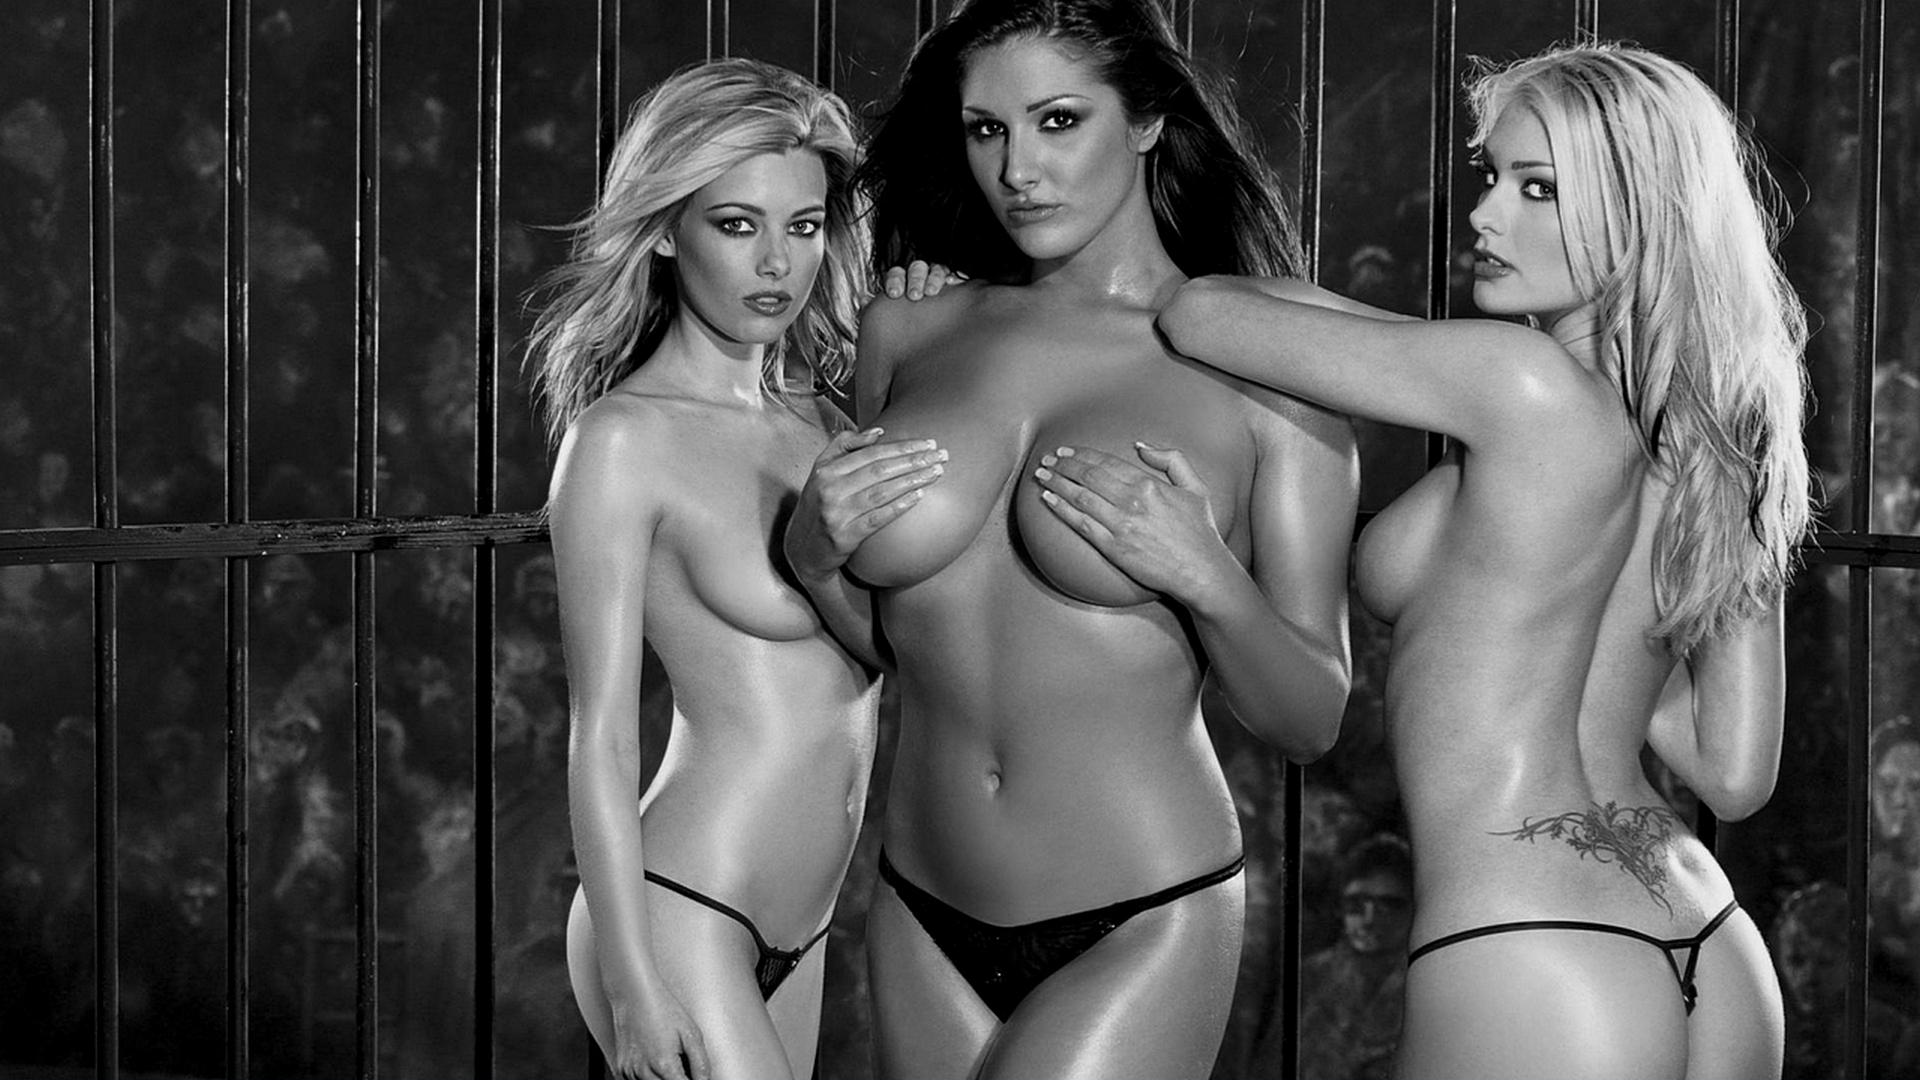 Сексуальні мамаші фото, Голые мамаши и мамы. Красивые фото голых мамок 12 фотография